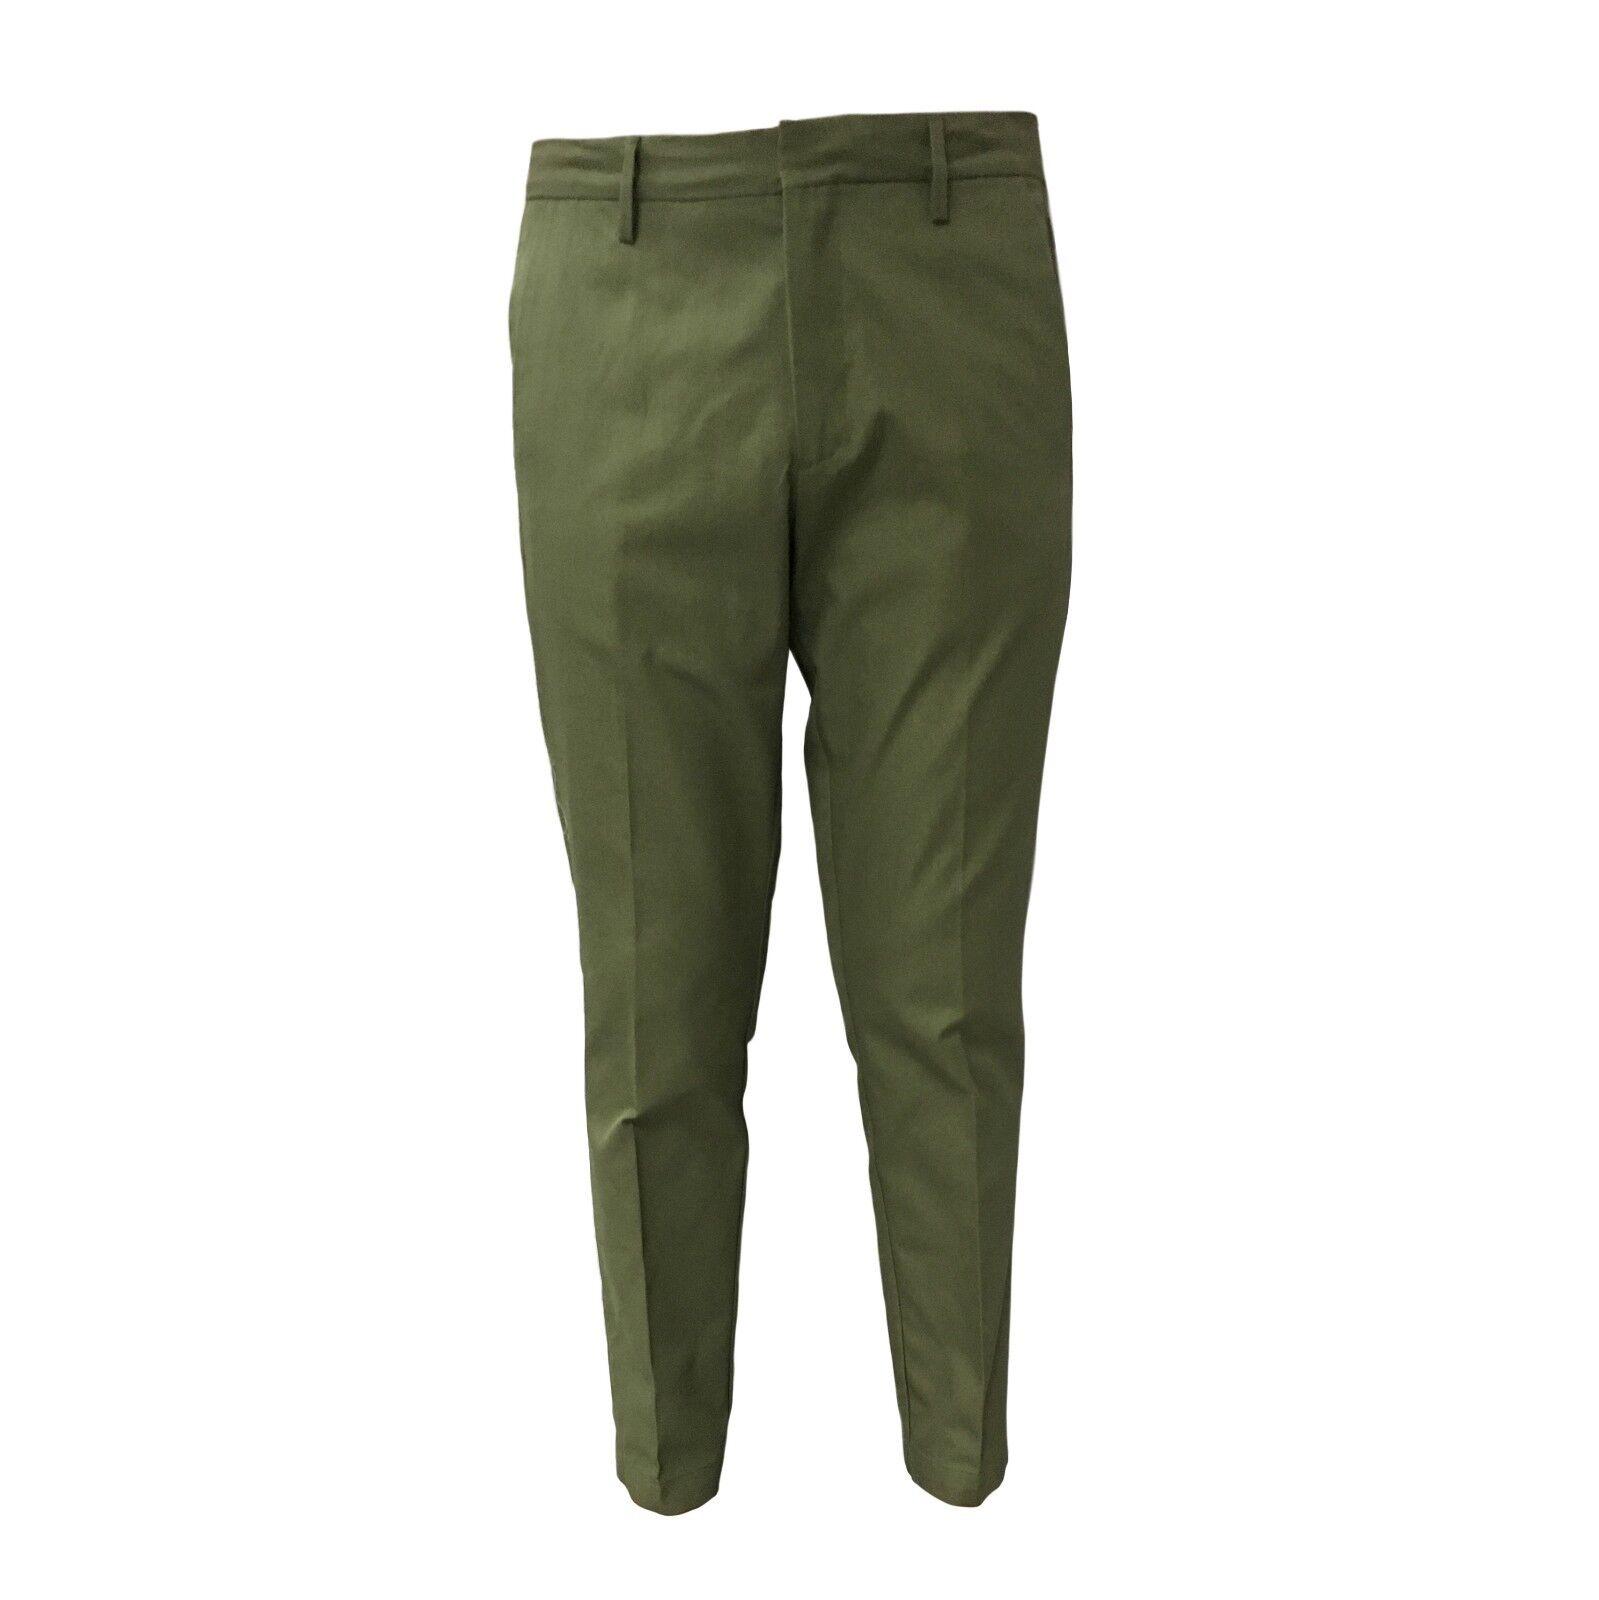 TISSUE' Herrenhosen grün Reißverschluss mod TPM00501 TPM00501 TPM00501 100% Baumwolle 2affcd